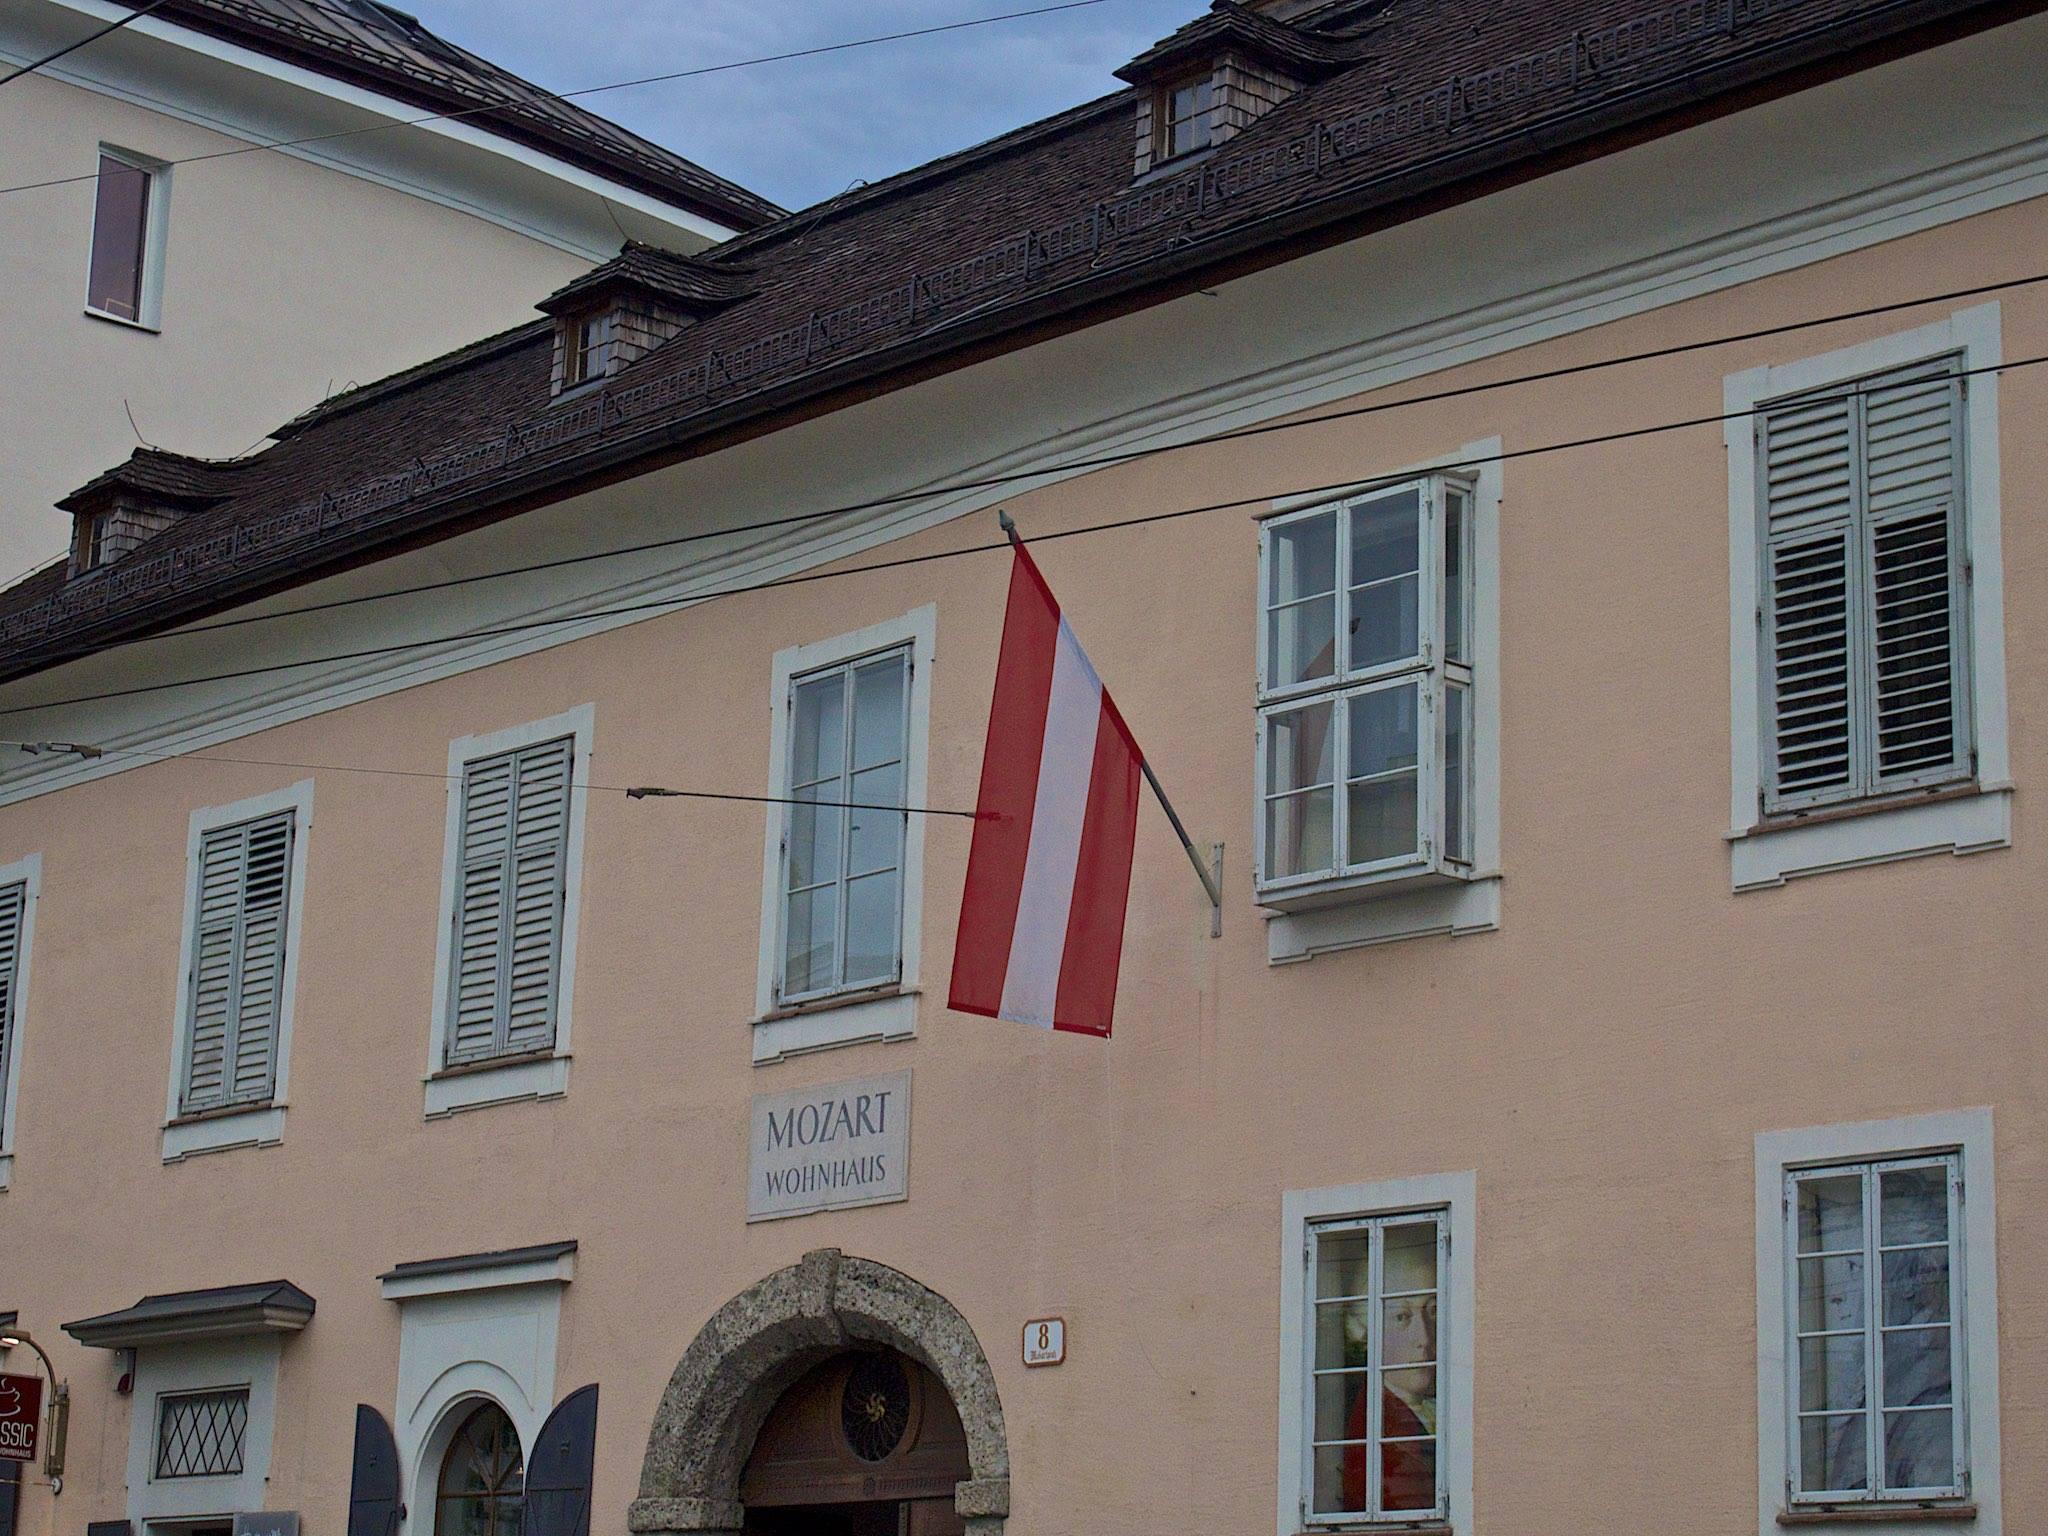 Salzburg, Austria: More than Mozart